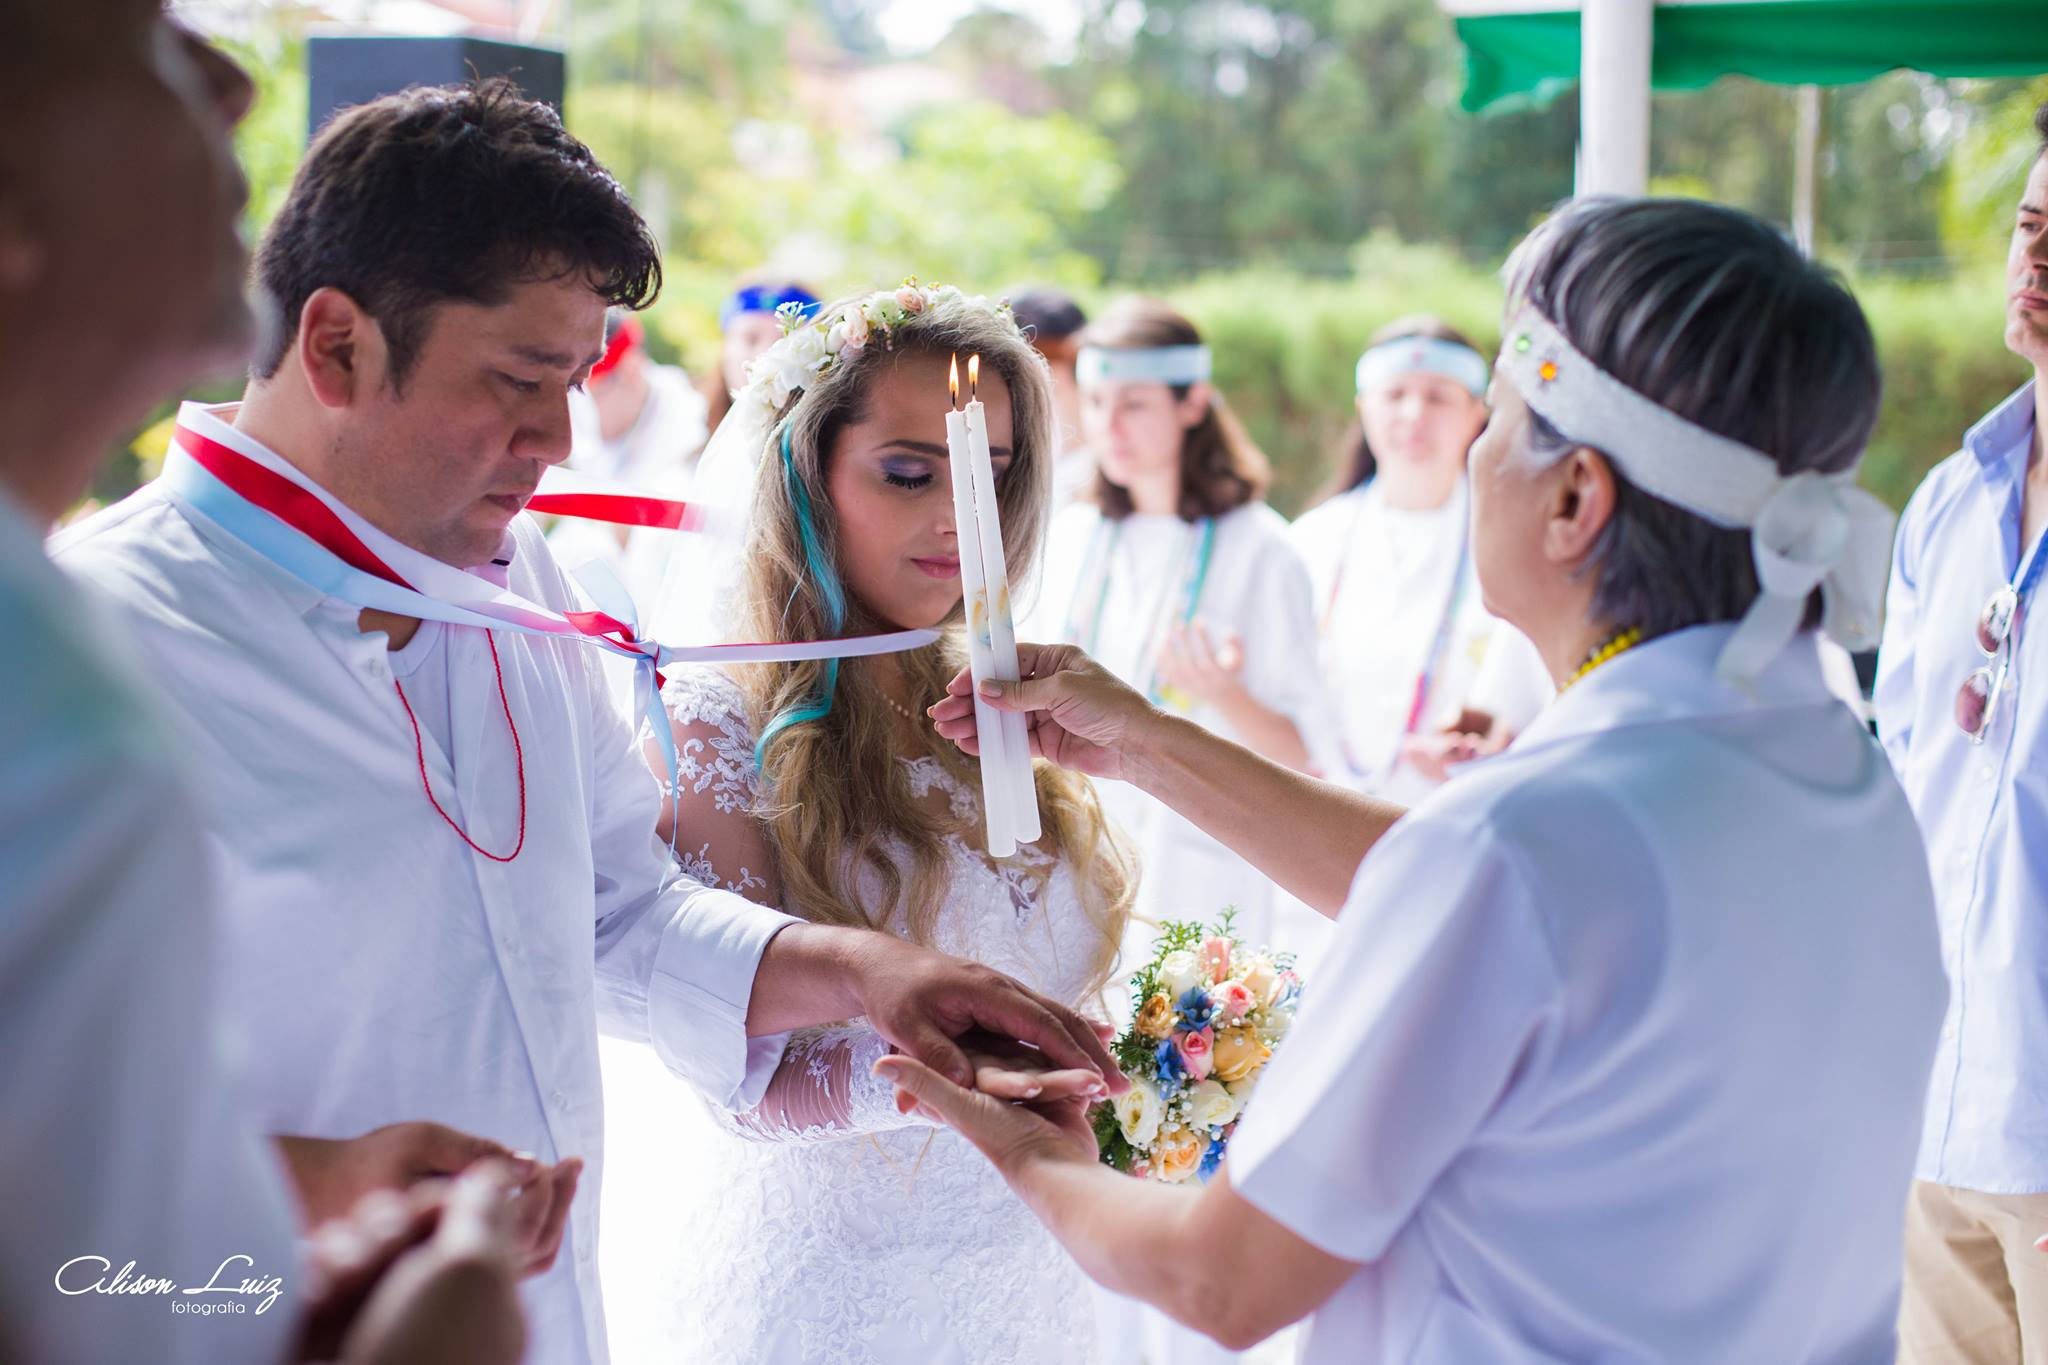 Fotógrafo evangélico registra casamento umbandista e faz lindo relato do que viu 7